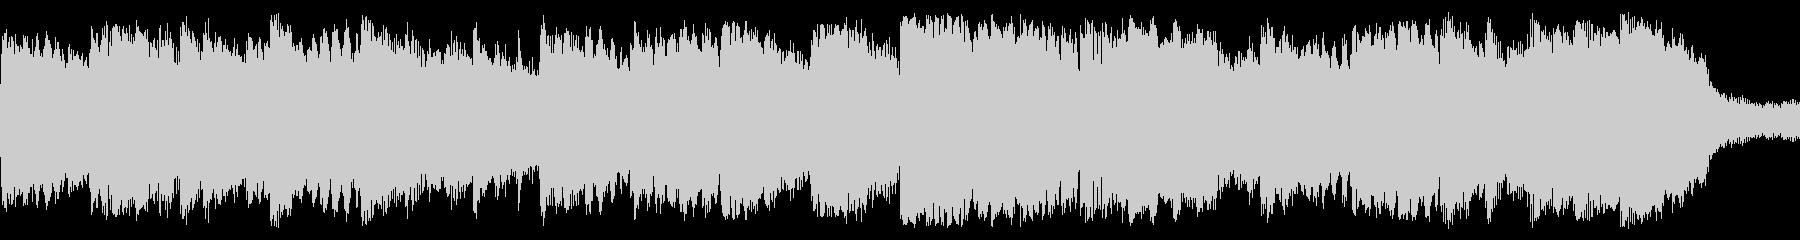 【ループBGM】癒しのミニオーケストラの未再生の波形